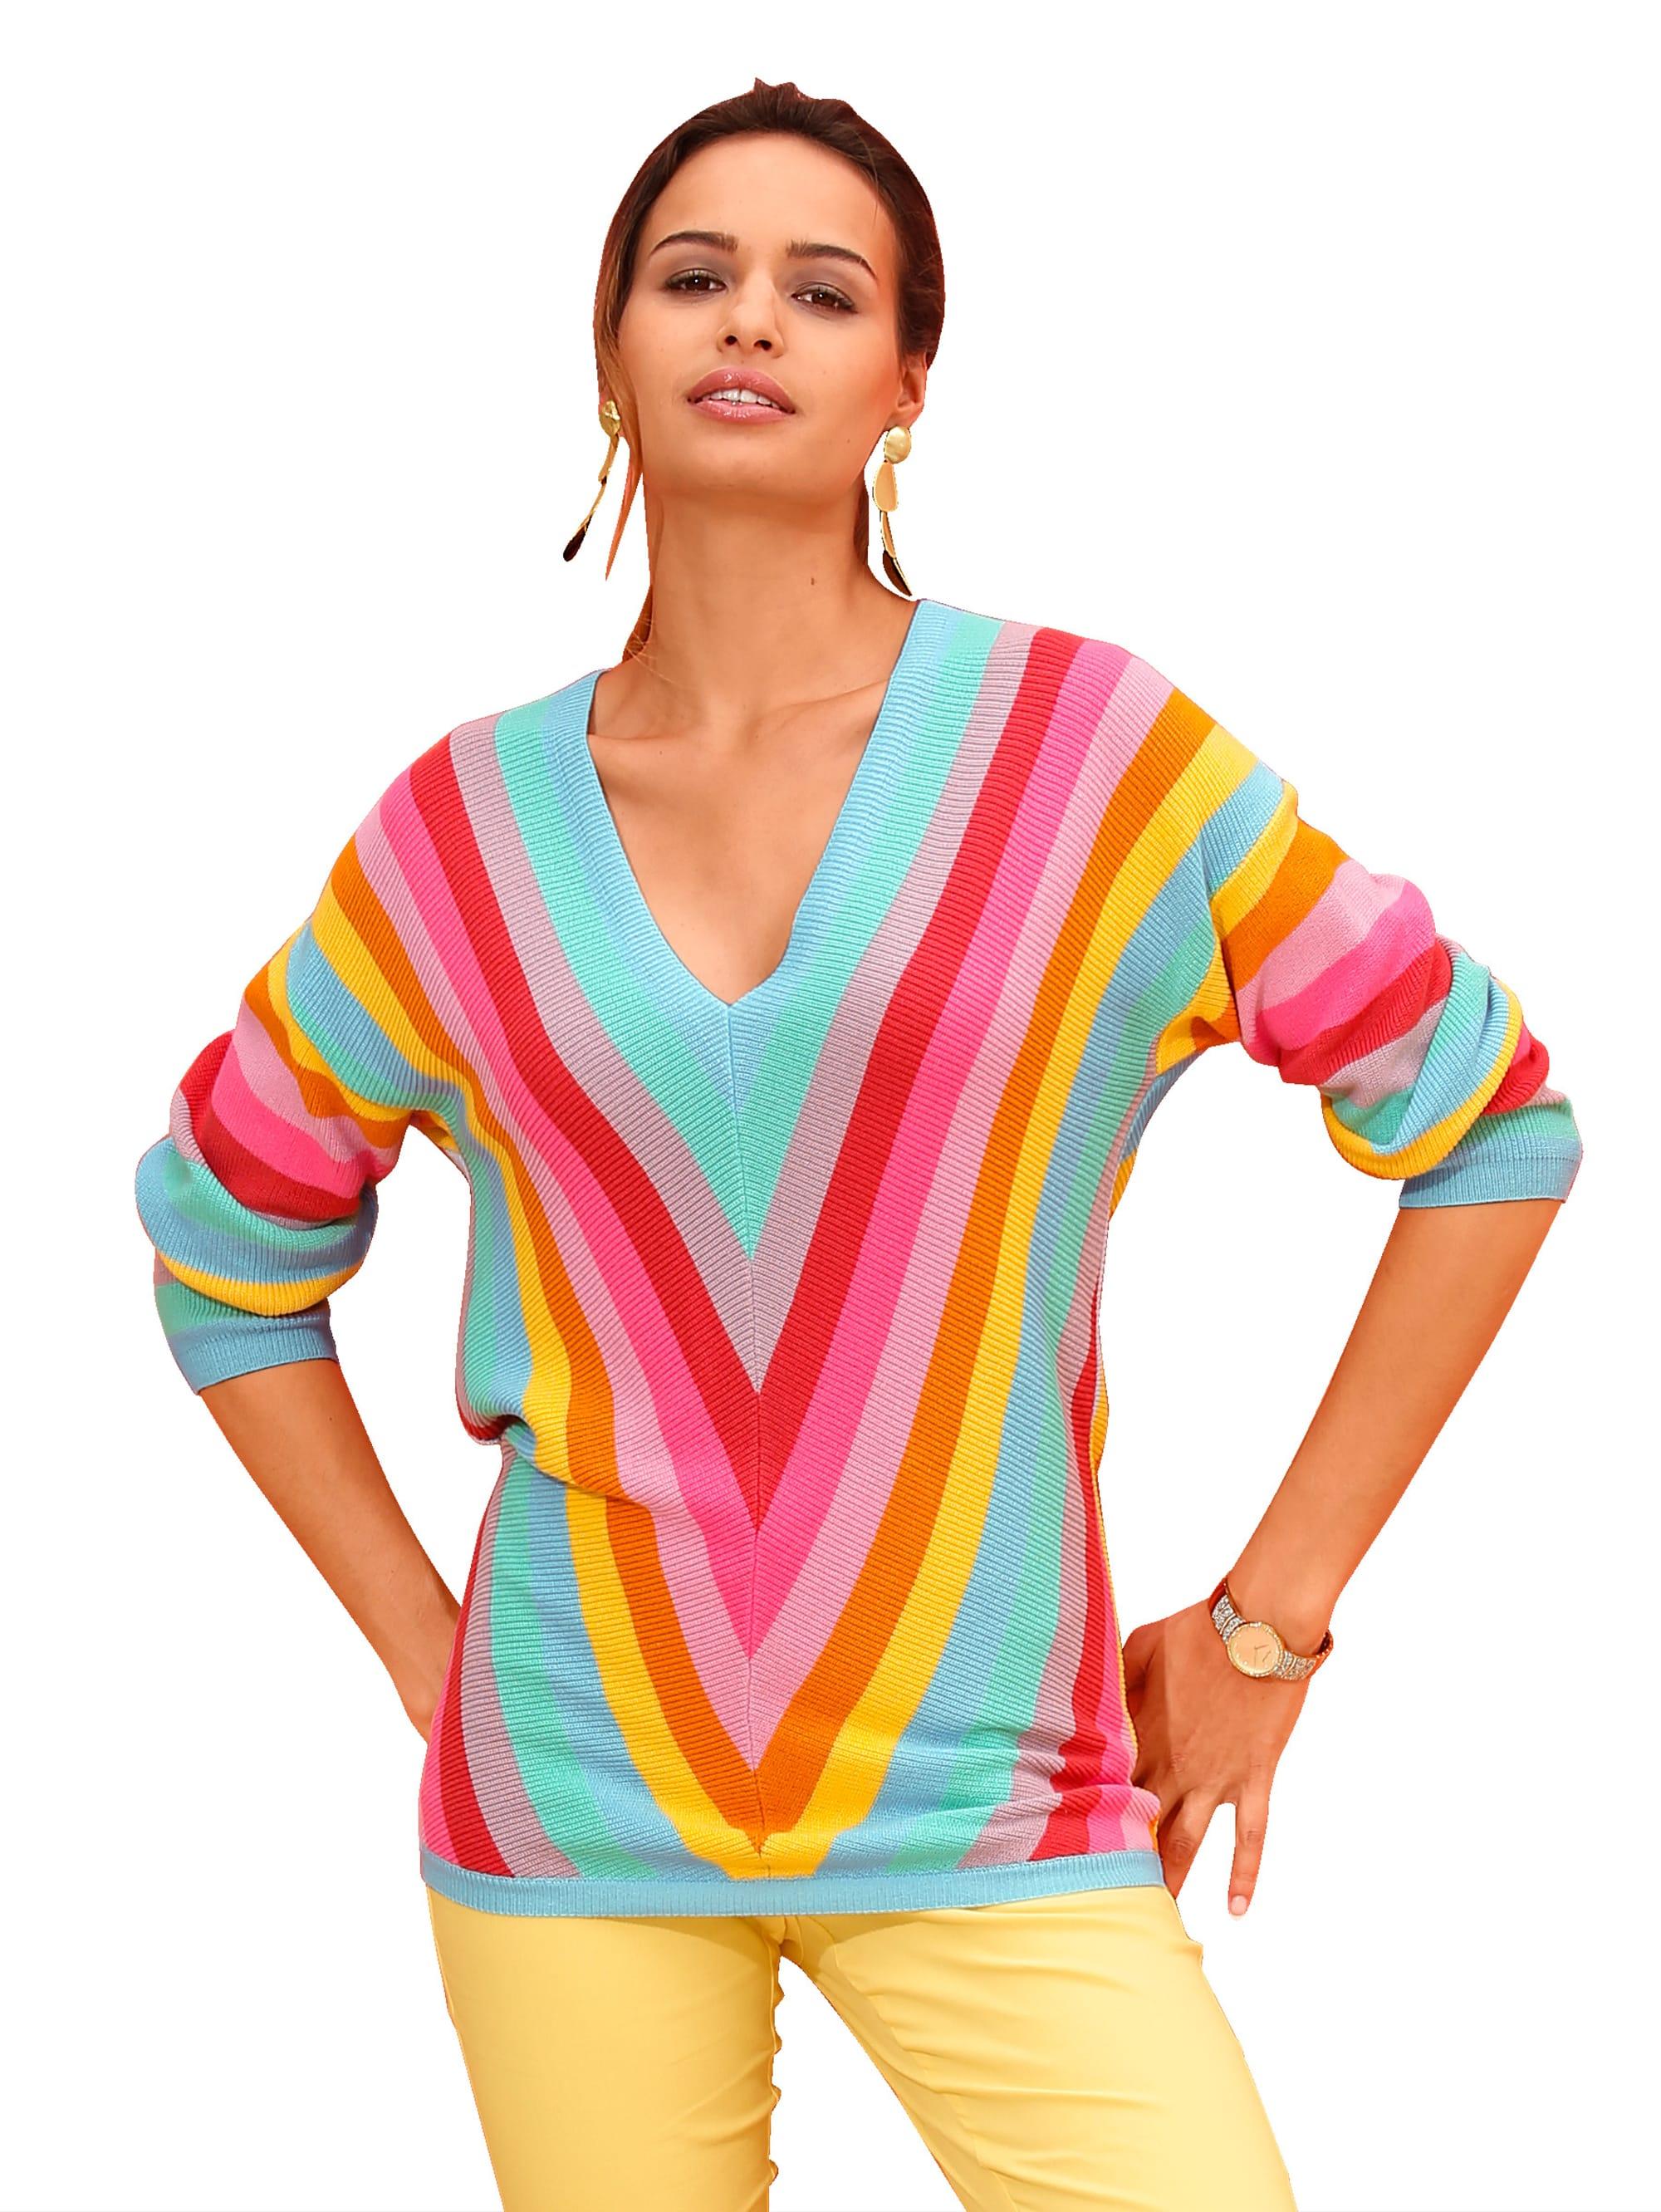 AMY VERMONT Pullover in Regenbogenfarben PnHnk s6lly